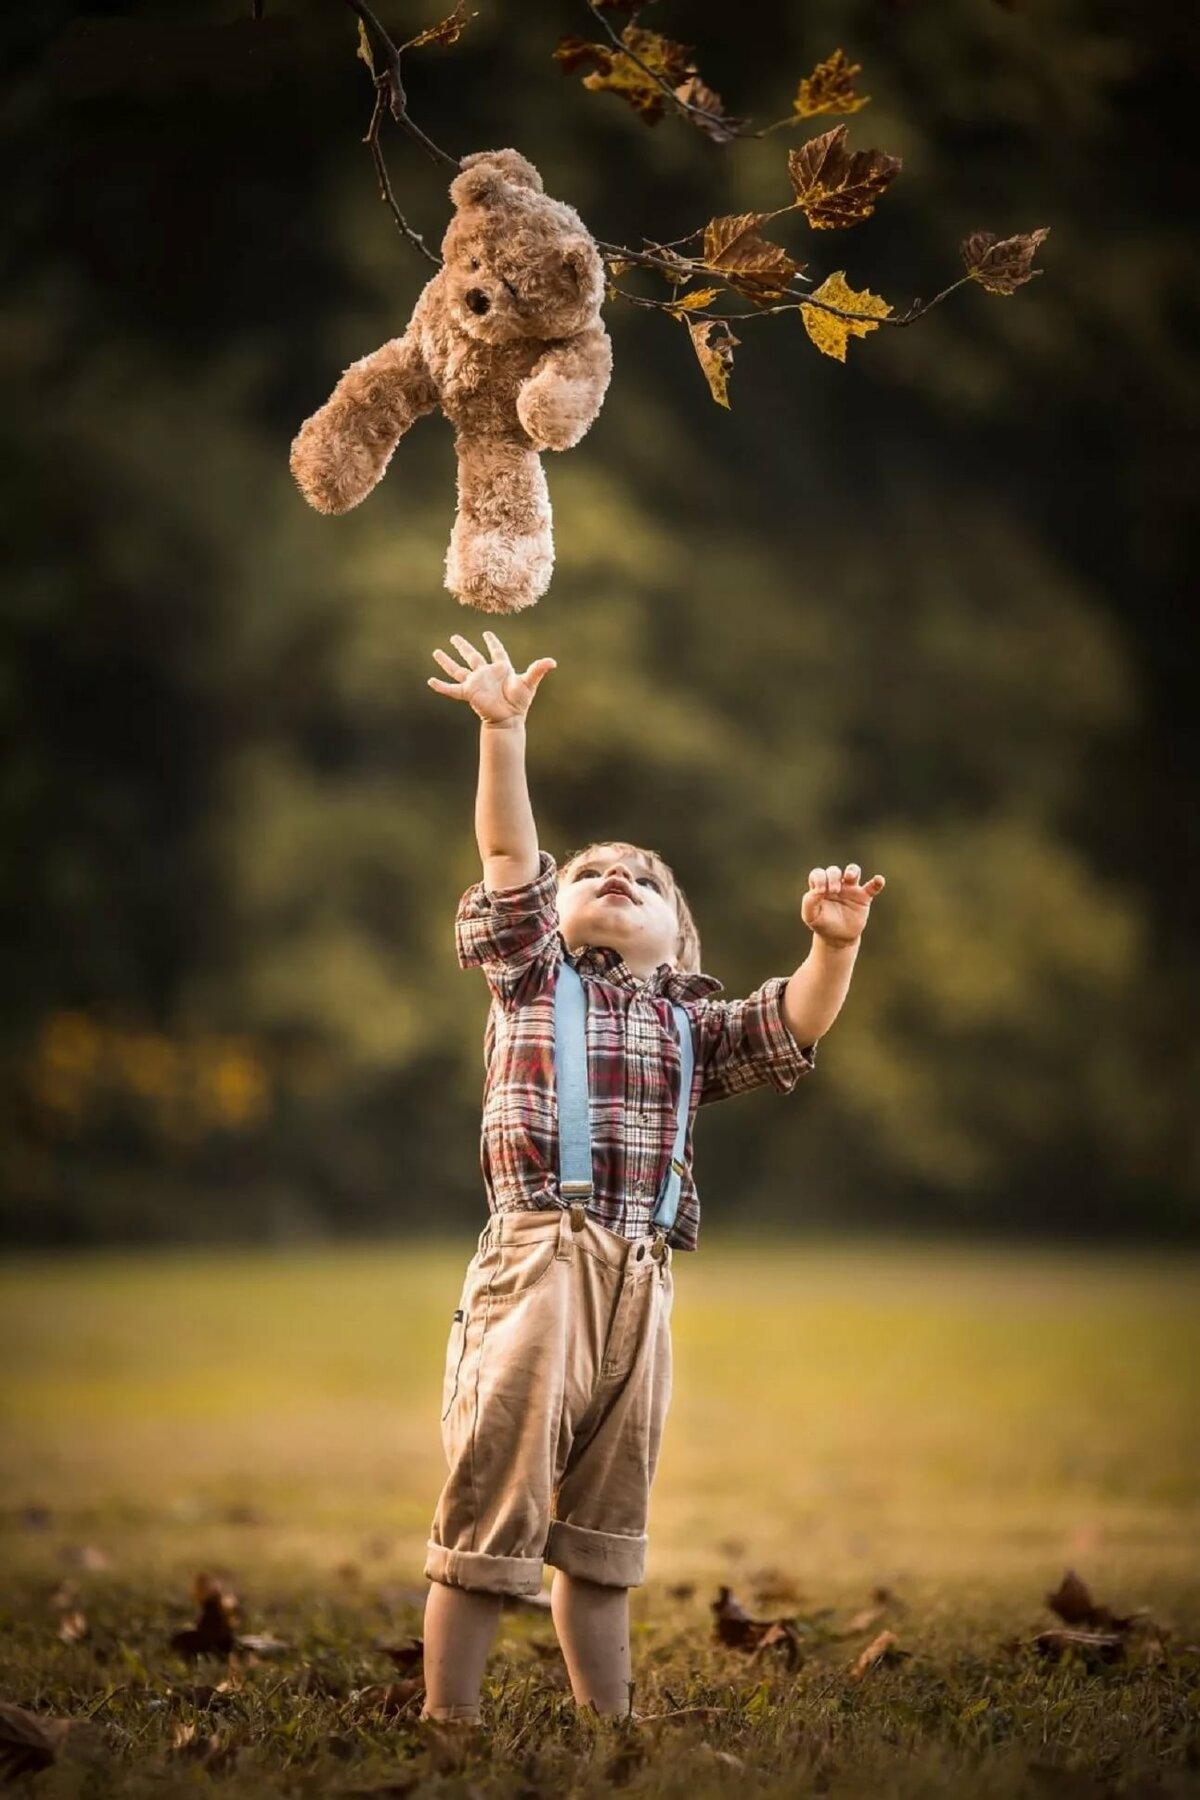 фотосессия с игрушками всемирно известным